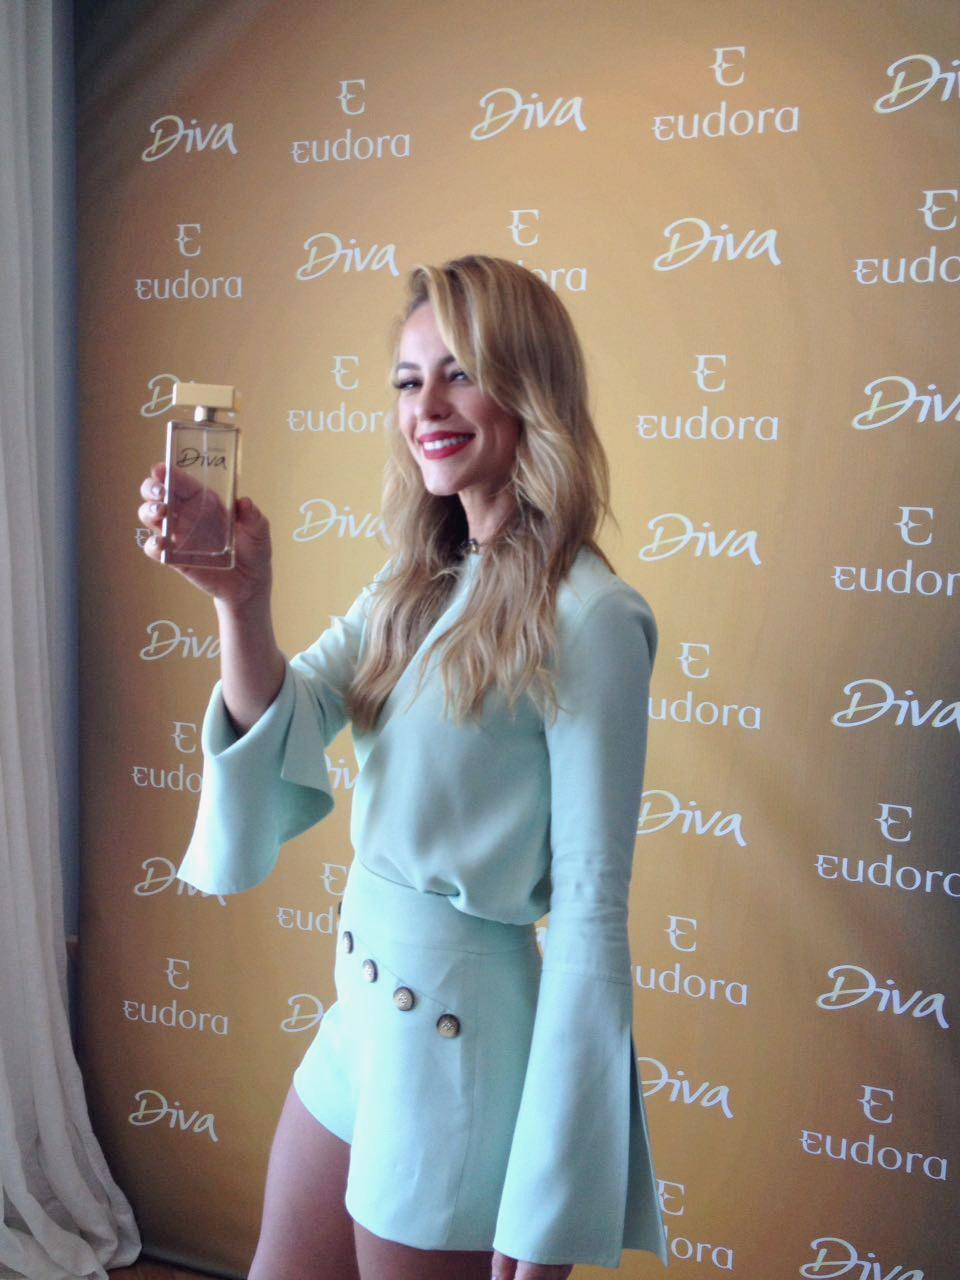 Paola Oliveira no lançamento do perfume Eudora Diva (Foto: Divulgação)